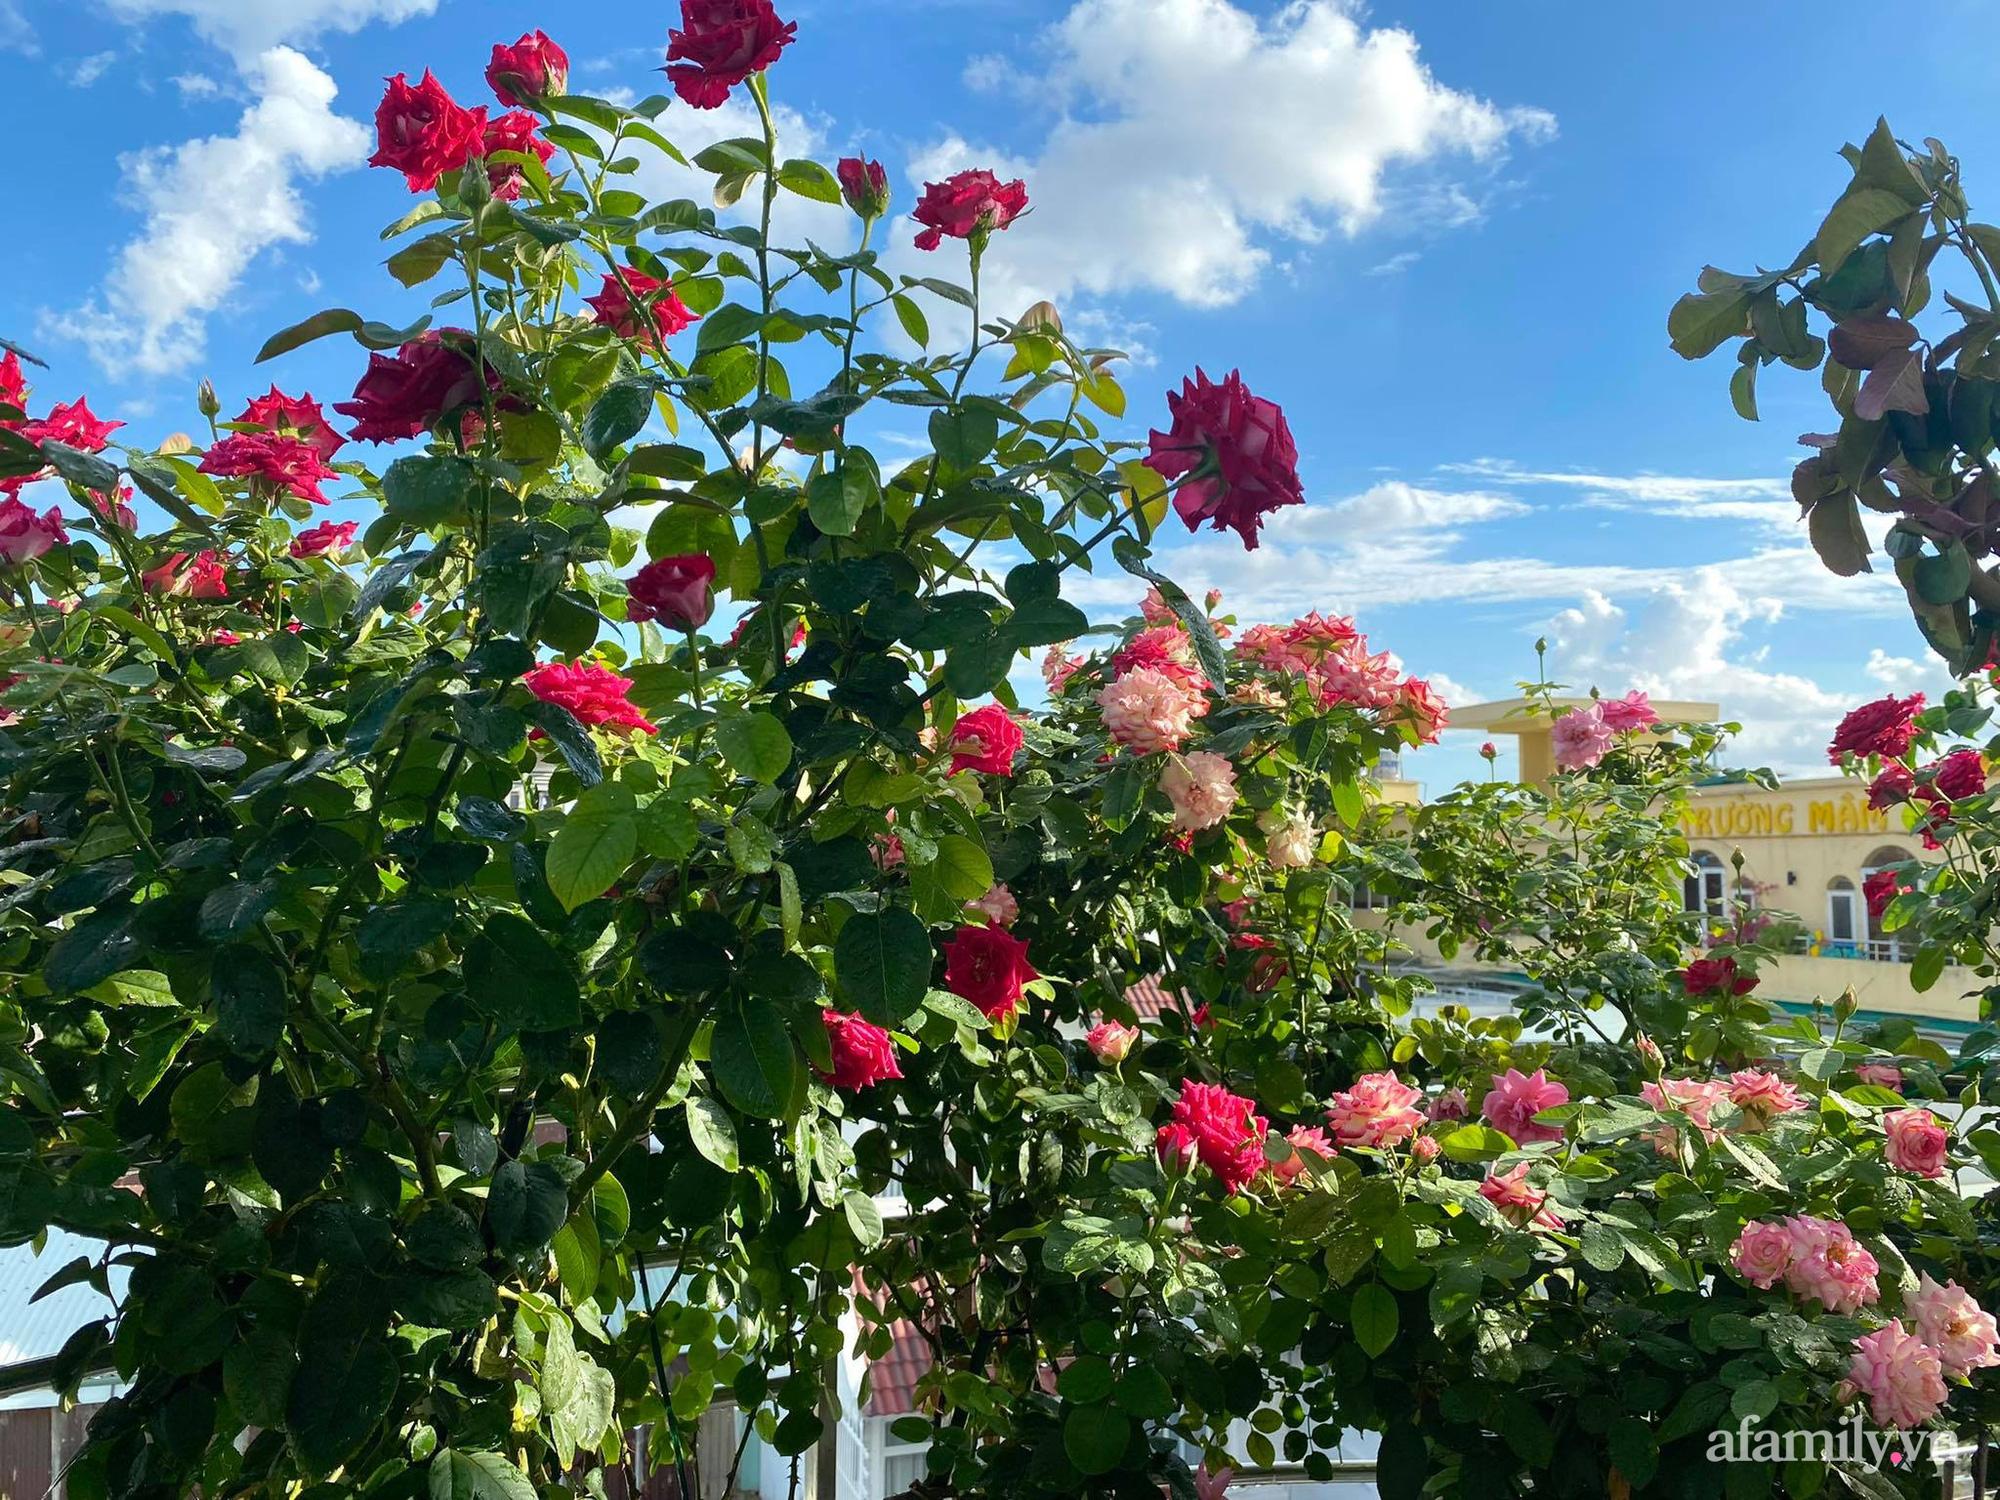 Sân thượng phủ kín hoa hồng và rau quả sạch được chăm chút nhờ bàn tay khéo léo của Hoa hậu Janny Thủy Trần - Ảnh 4.